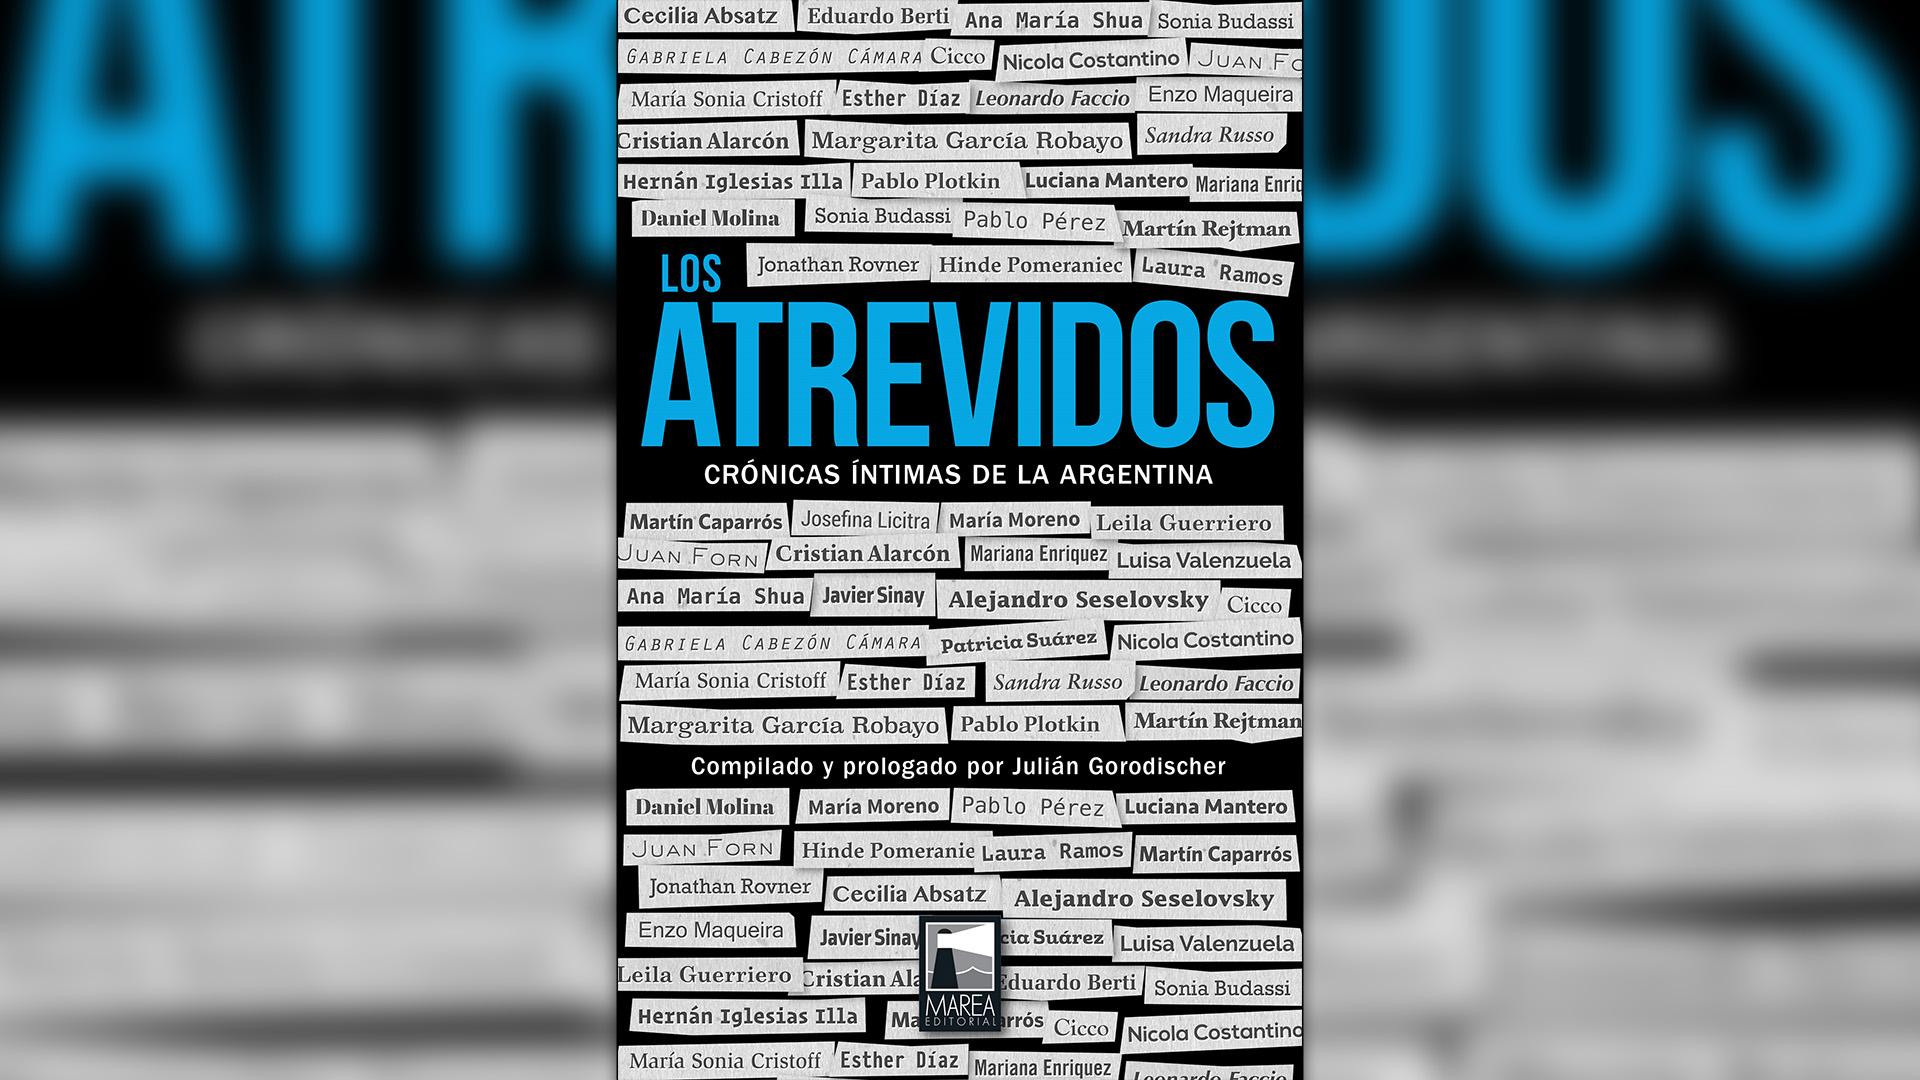 Los atrevidos. Crónicas íntimas de la Argentina, Julián Gorodischer, Marea